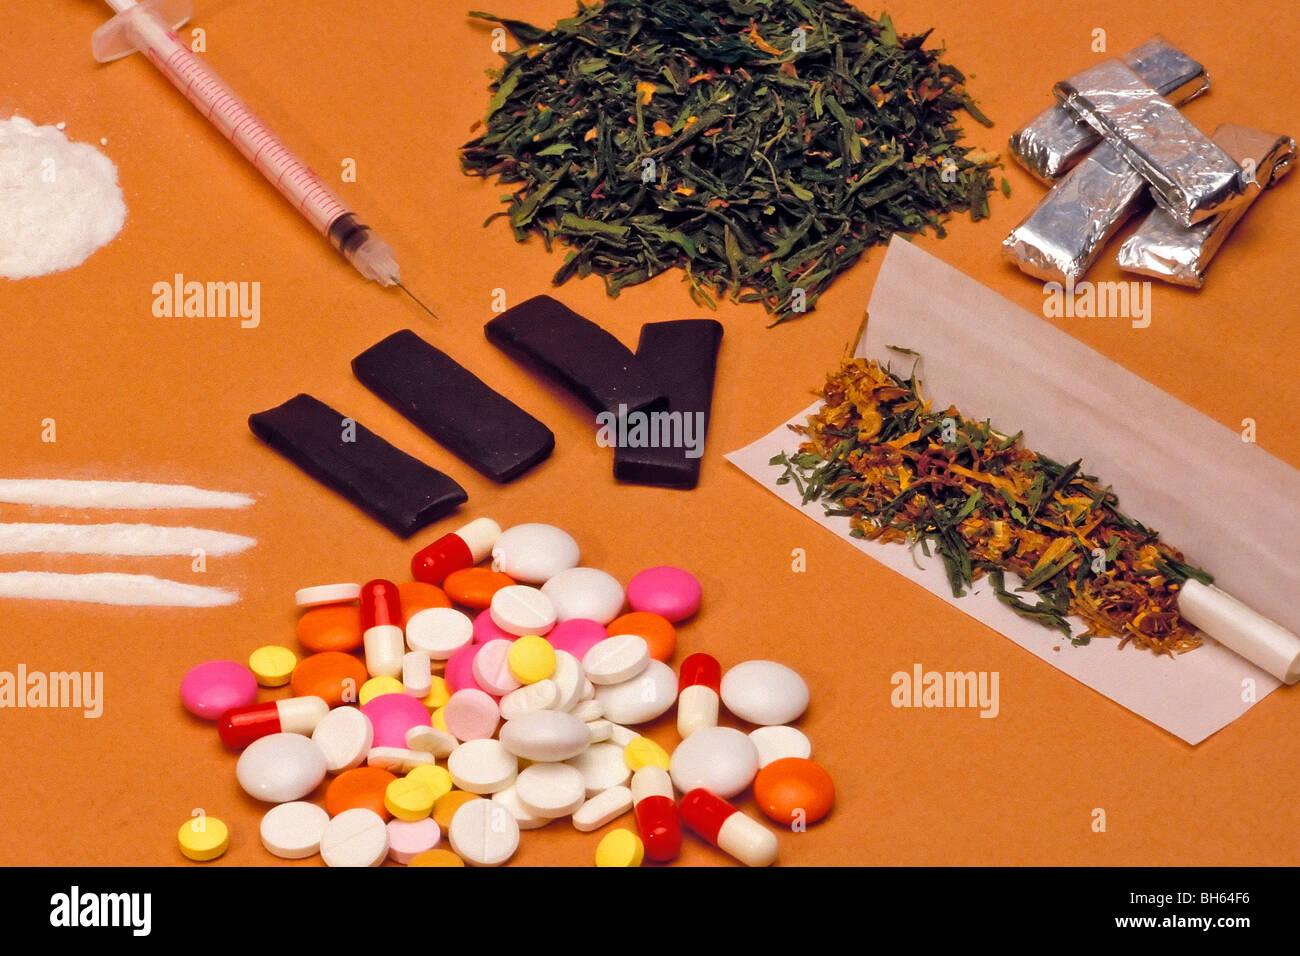 Hard Drugs Stock Photos & Hard Drugs Stock Images - Alamy